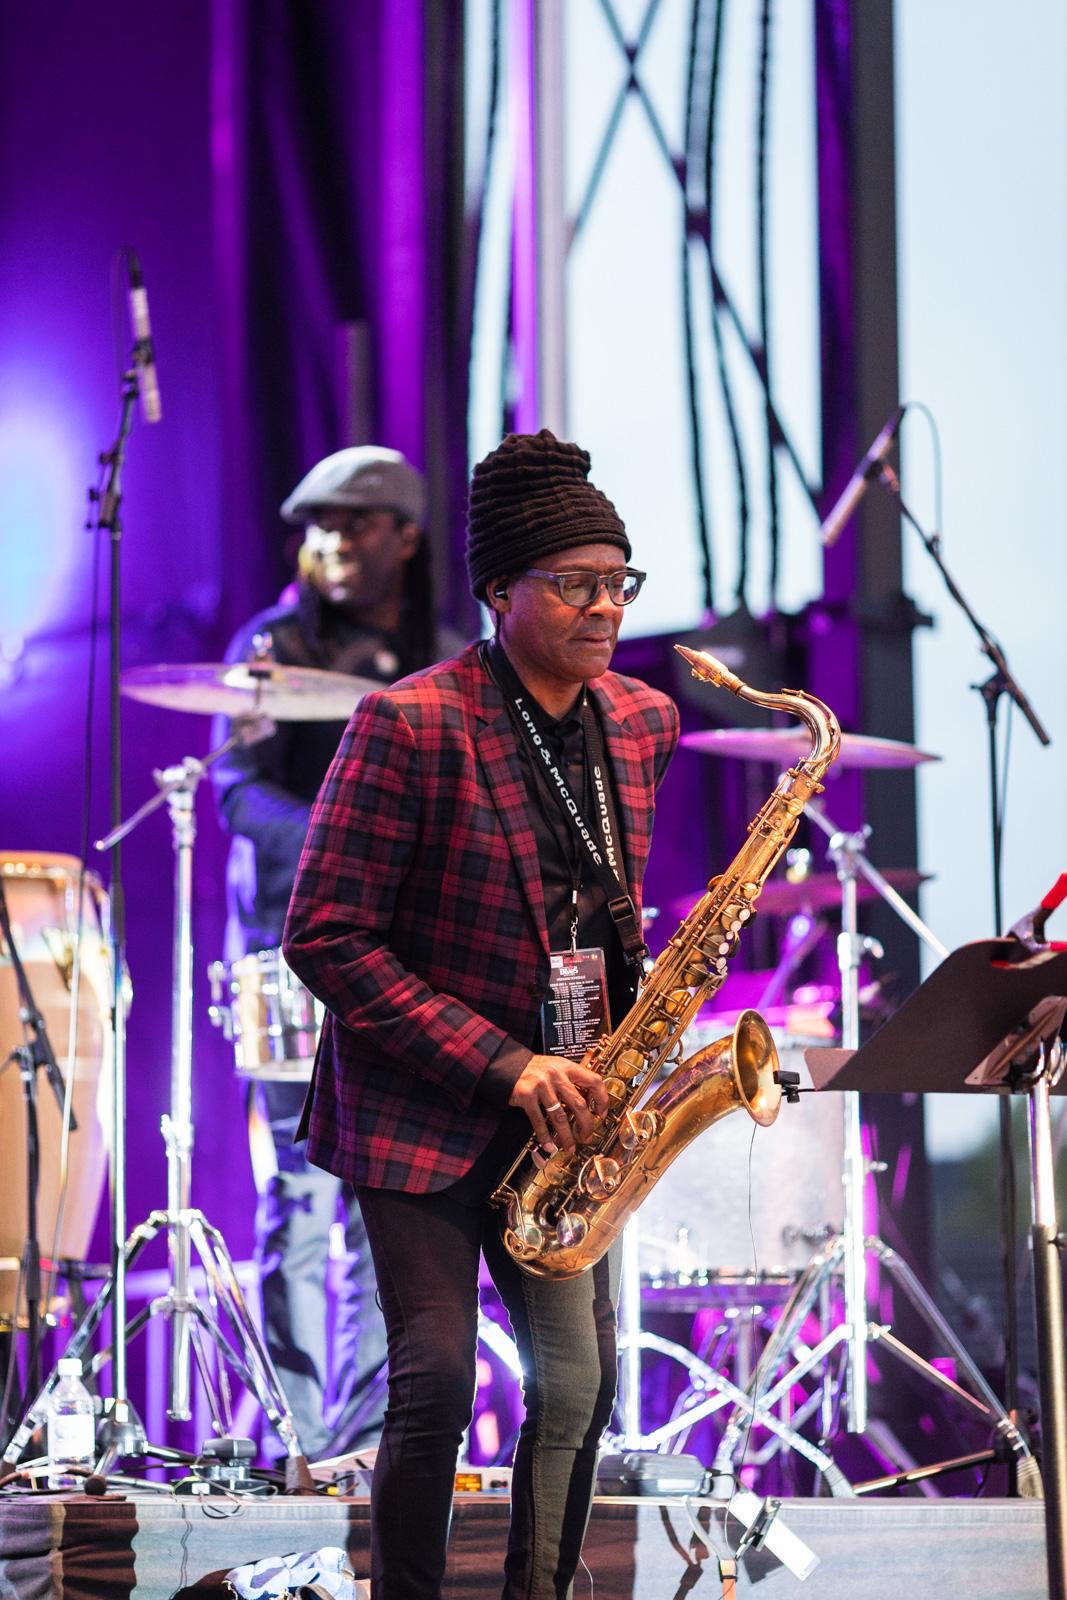 bluesfest-2019-blog-45.jpg